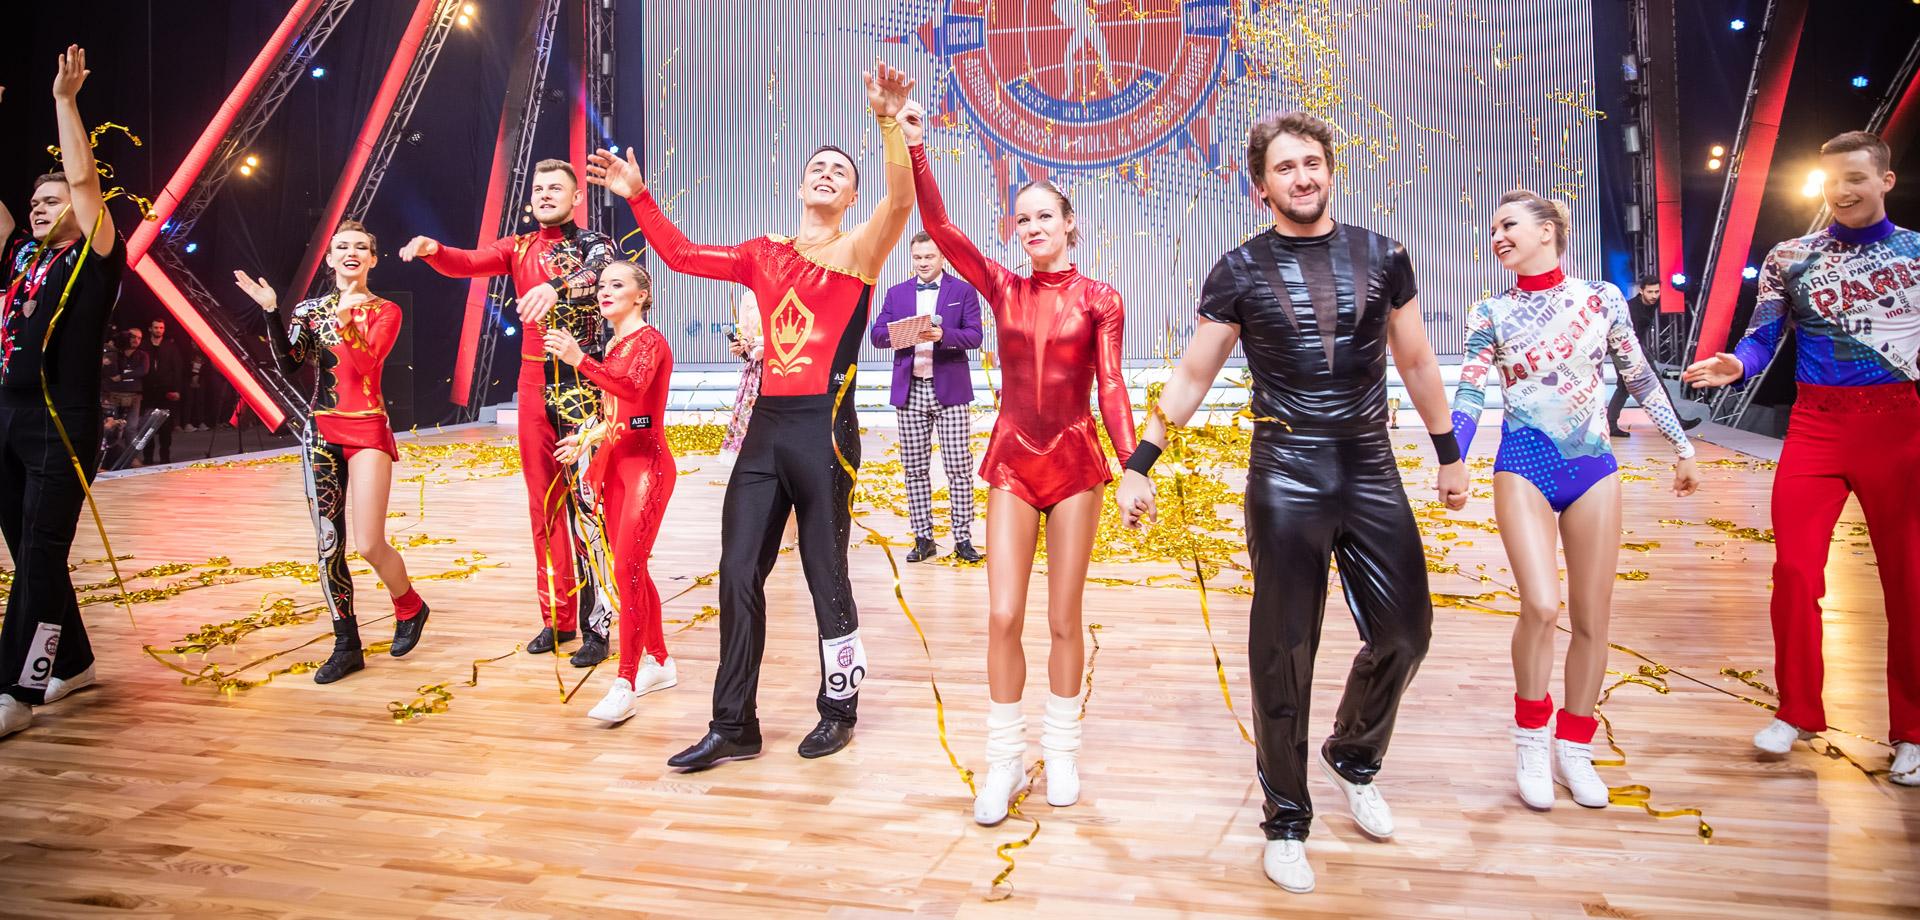 Клуб спартак акробатический рок н ролл москва клуб ангелов москва сайт